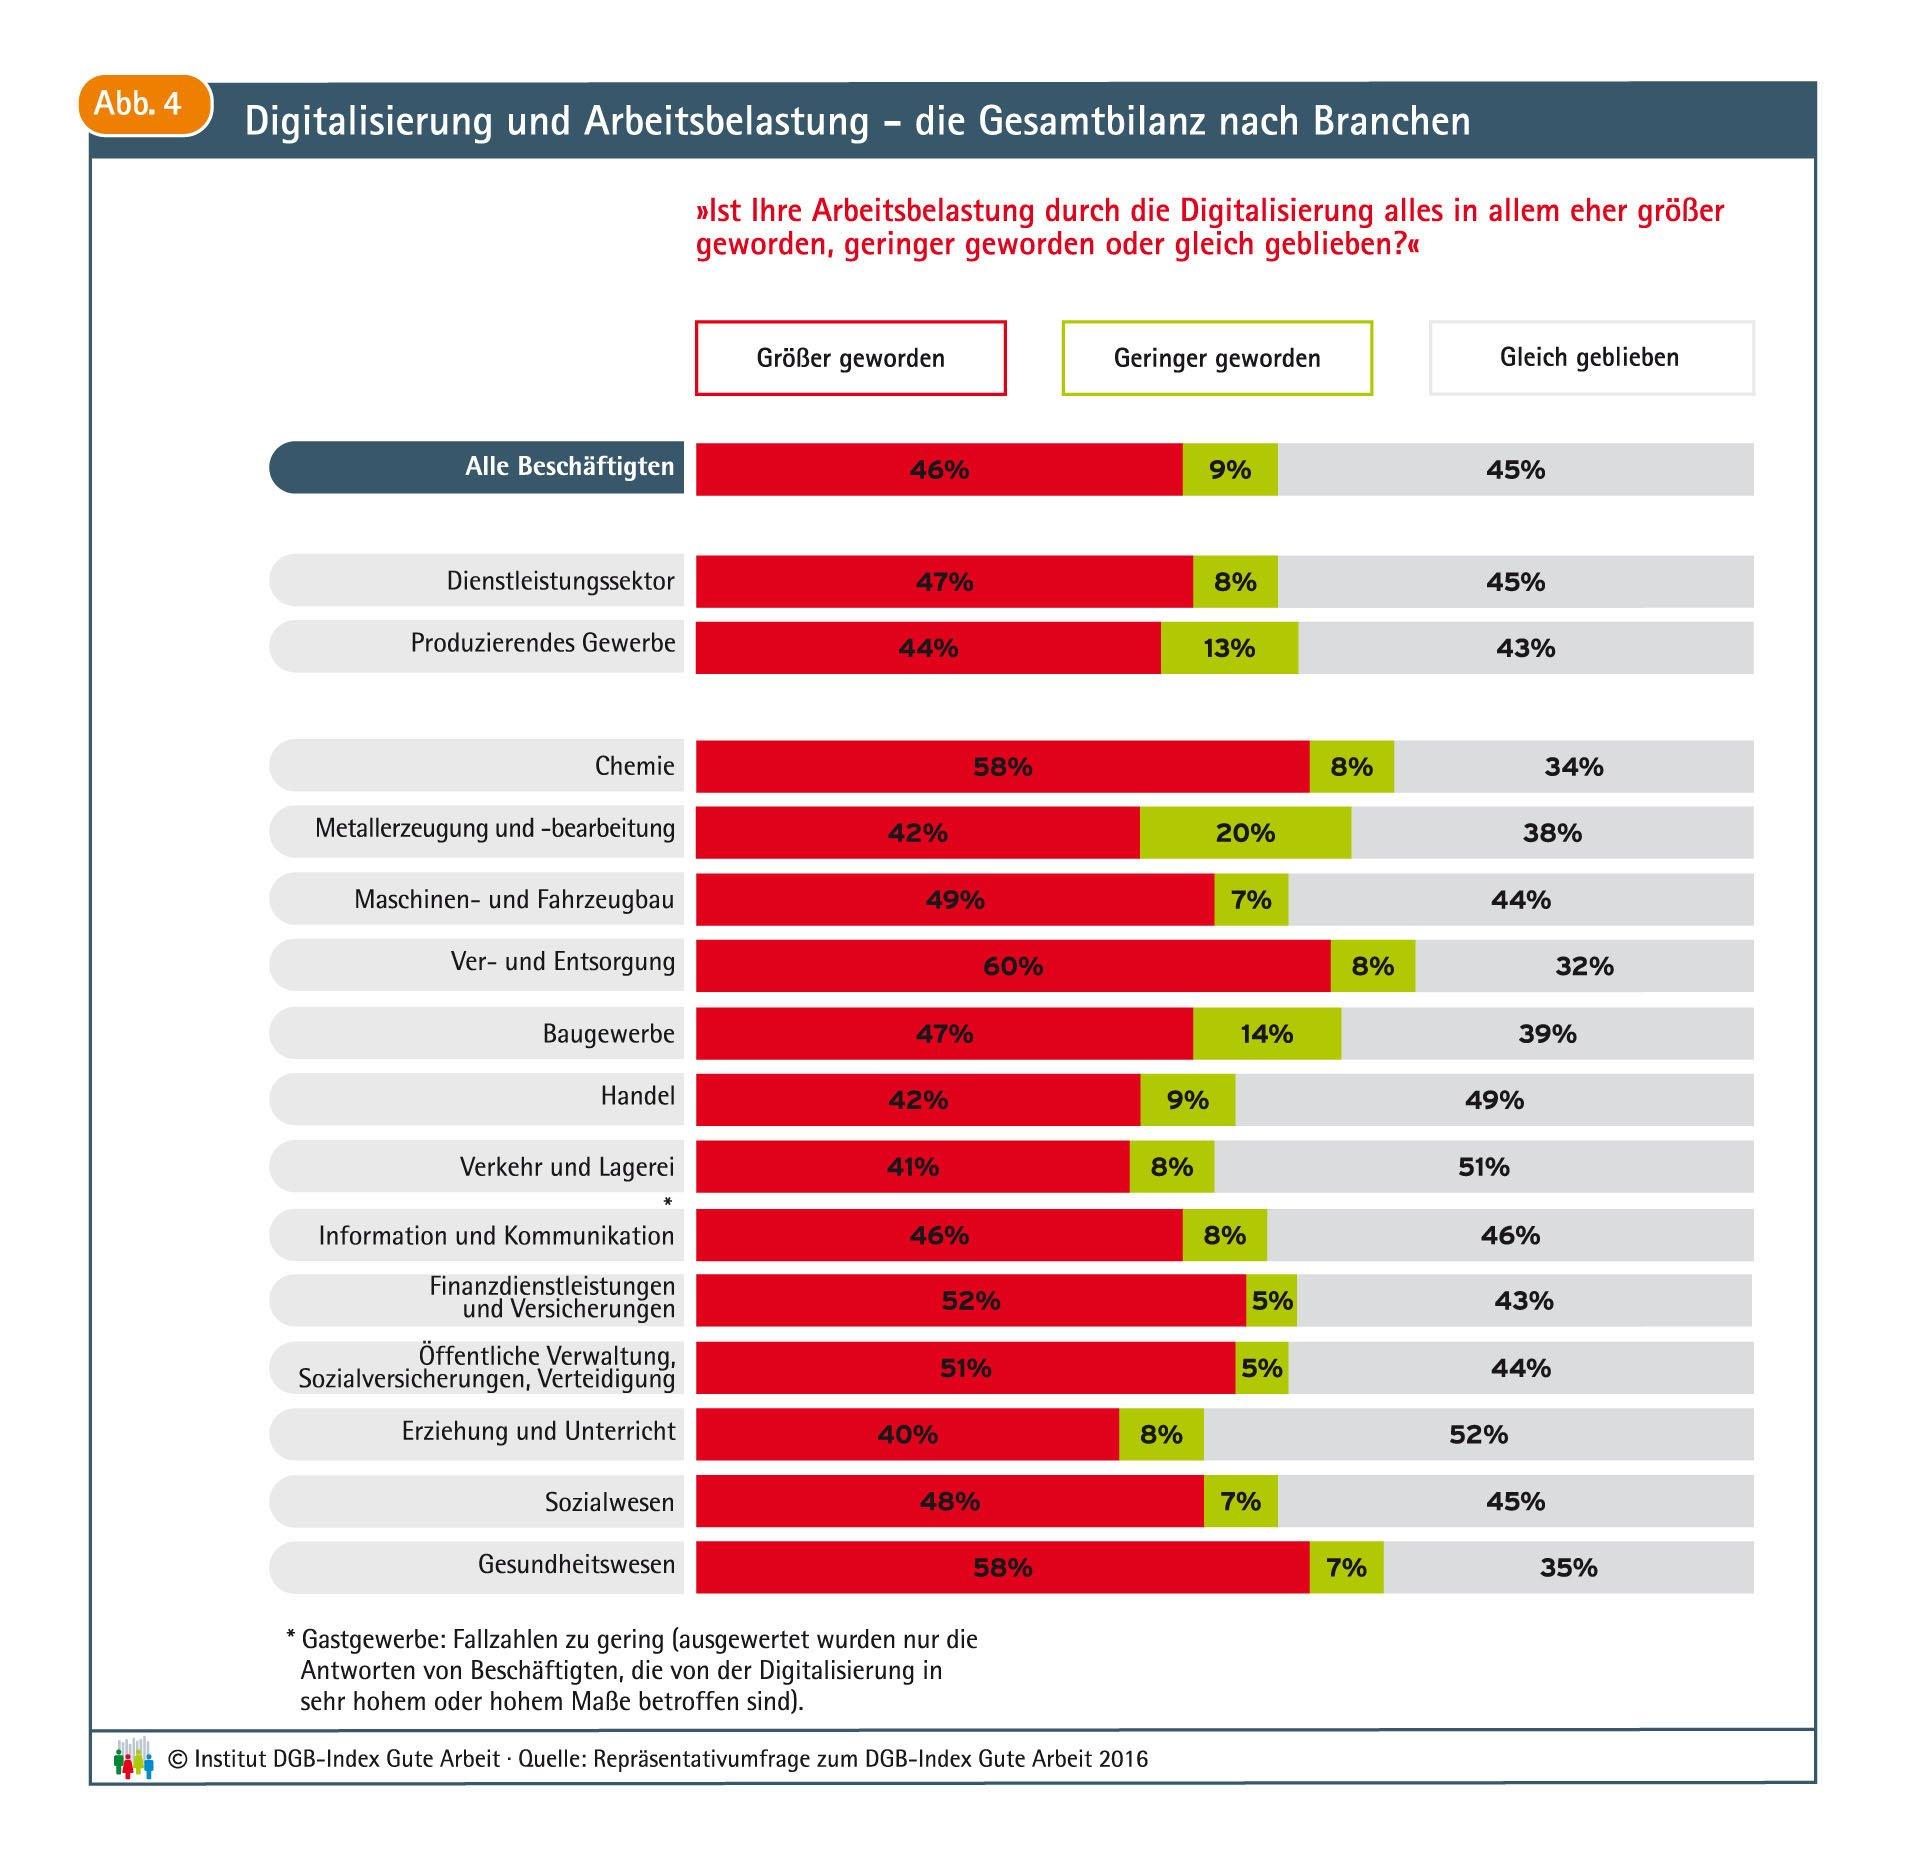 In allen aufgeführten Branchen wird die Digitalisierung eher als Mehrbelastung empfunden.